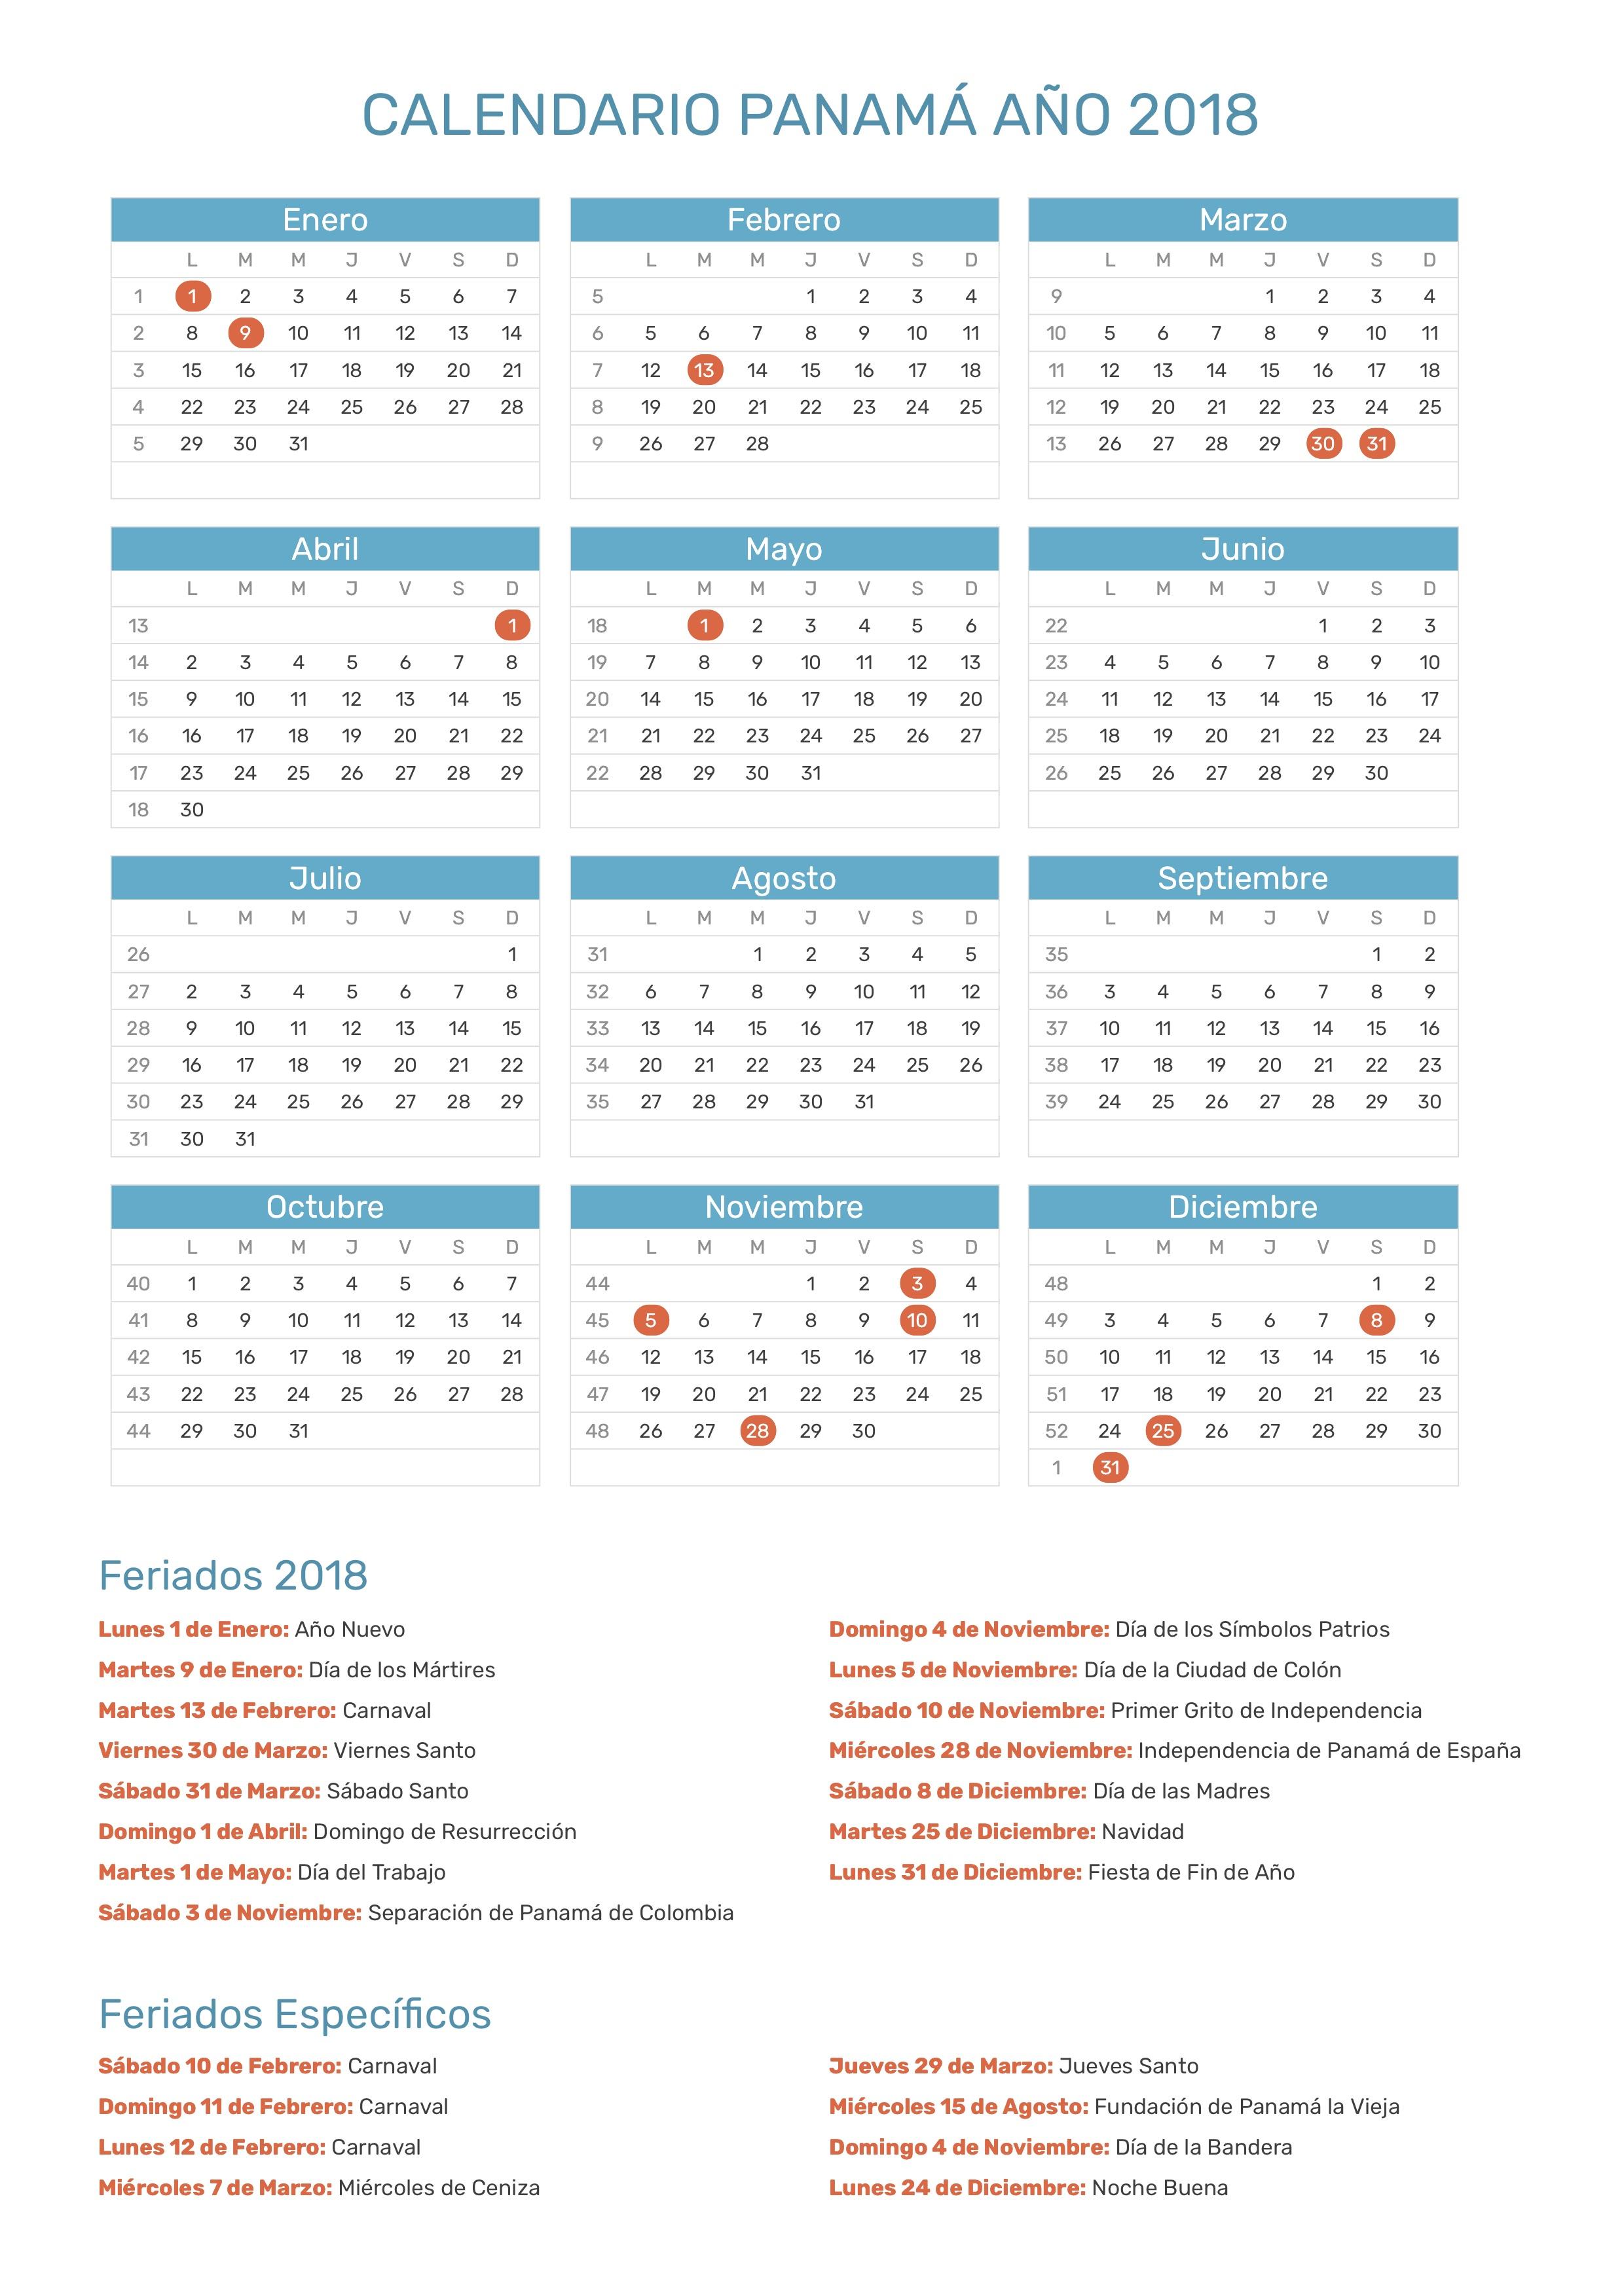 Calendario Panama 2019 Con Festivos.Calendario De Panama Ano 2018 Feriados